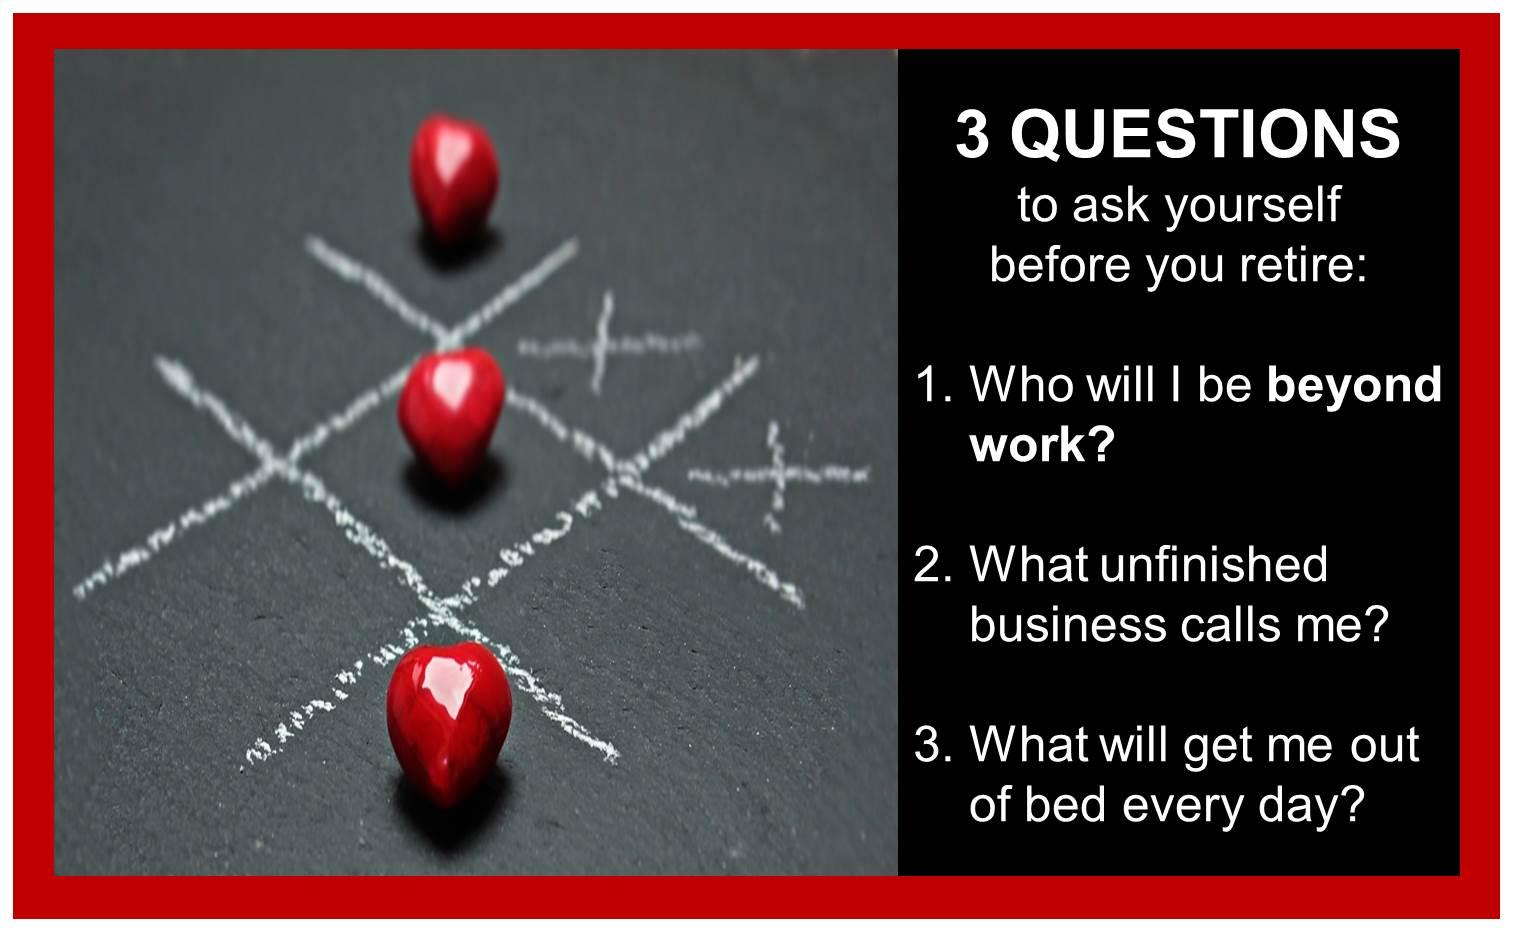 3 Questions Blog